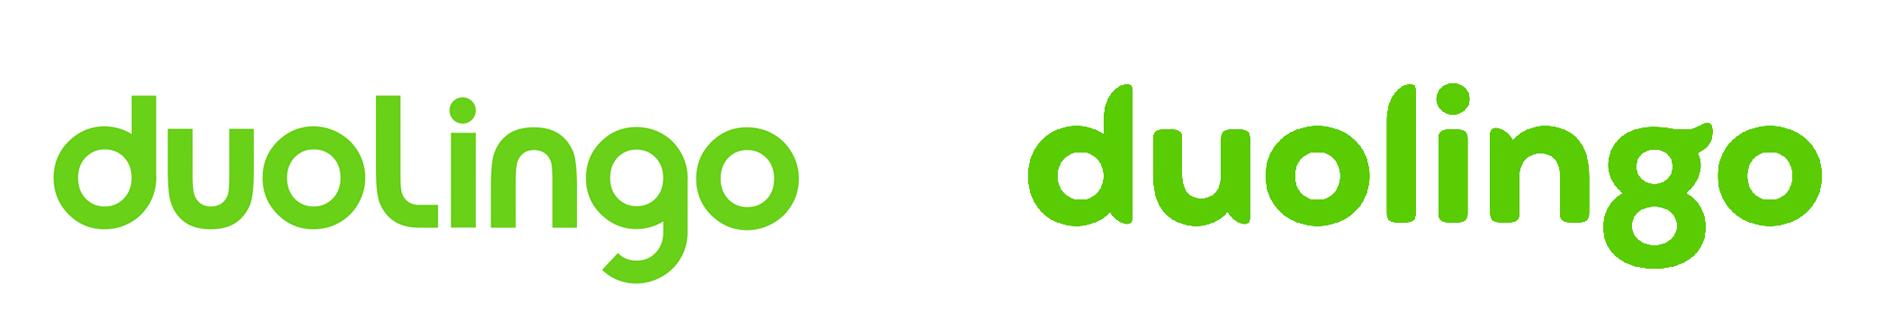 Изменение логотипа Duolingo